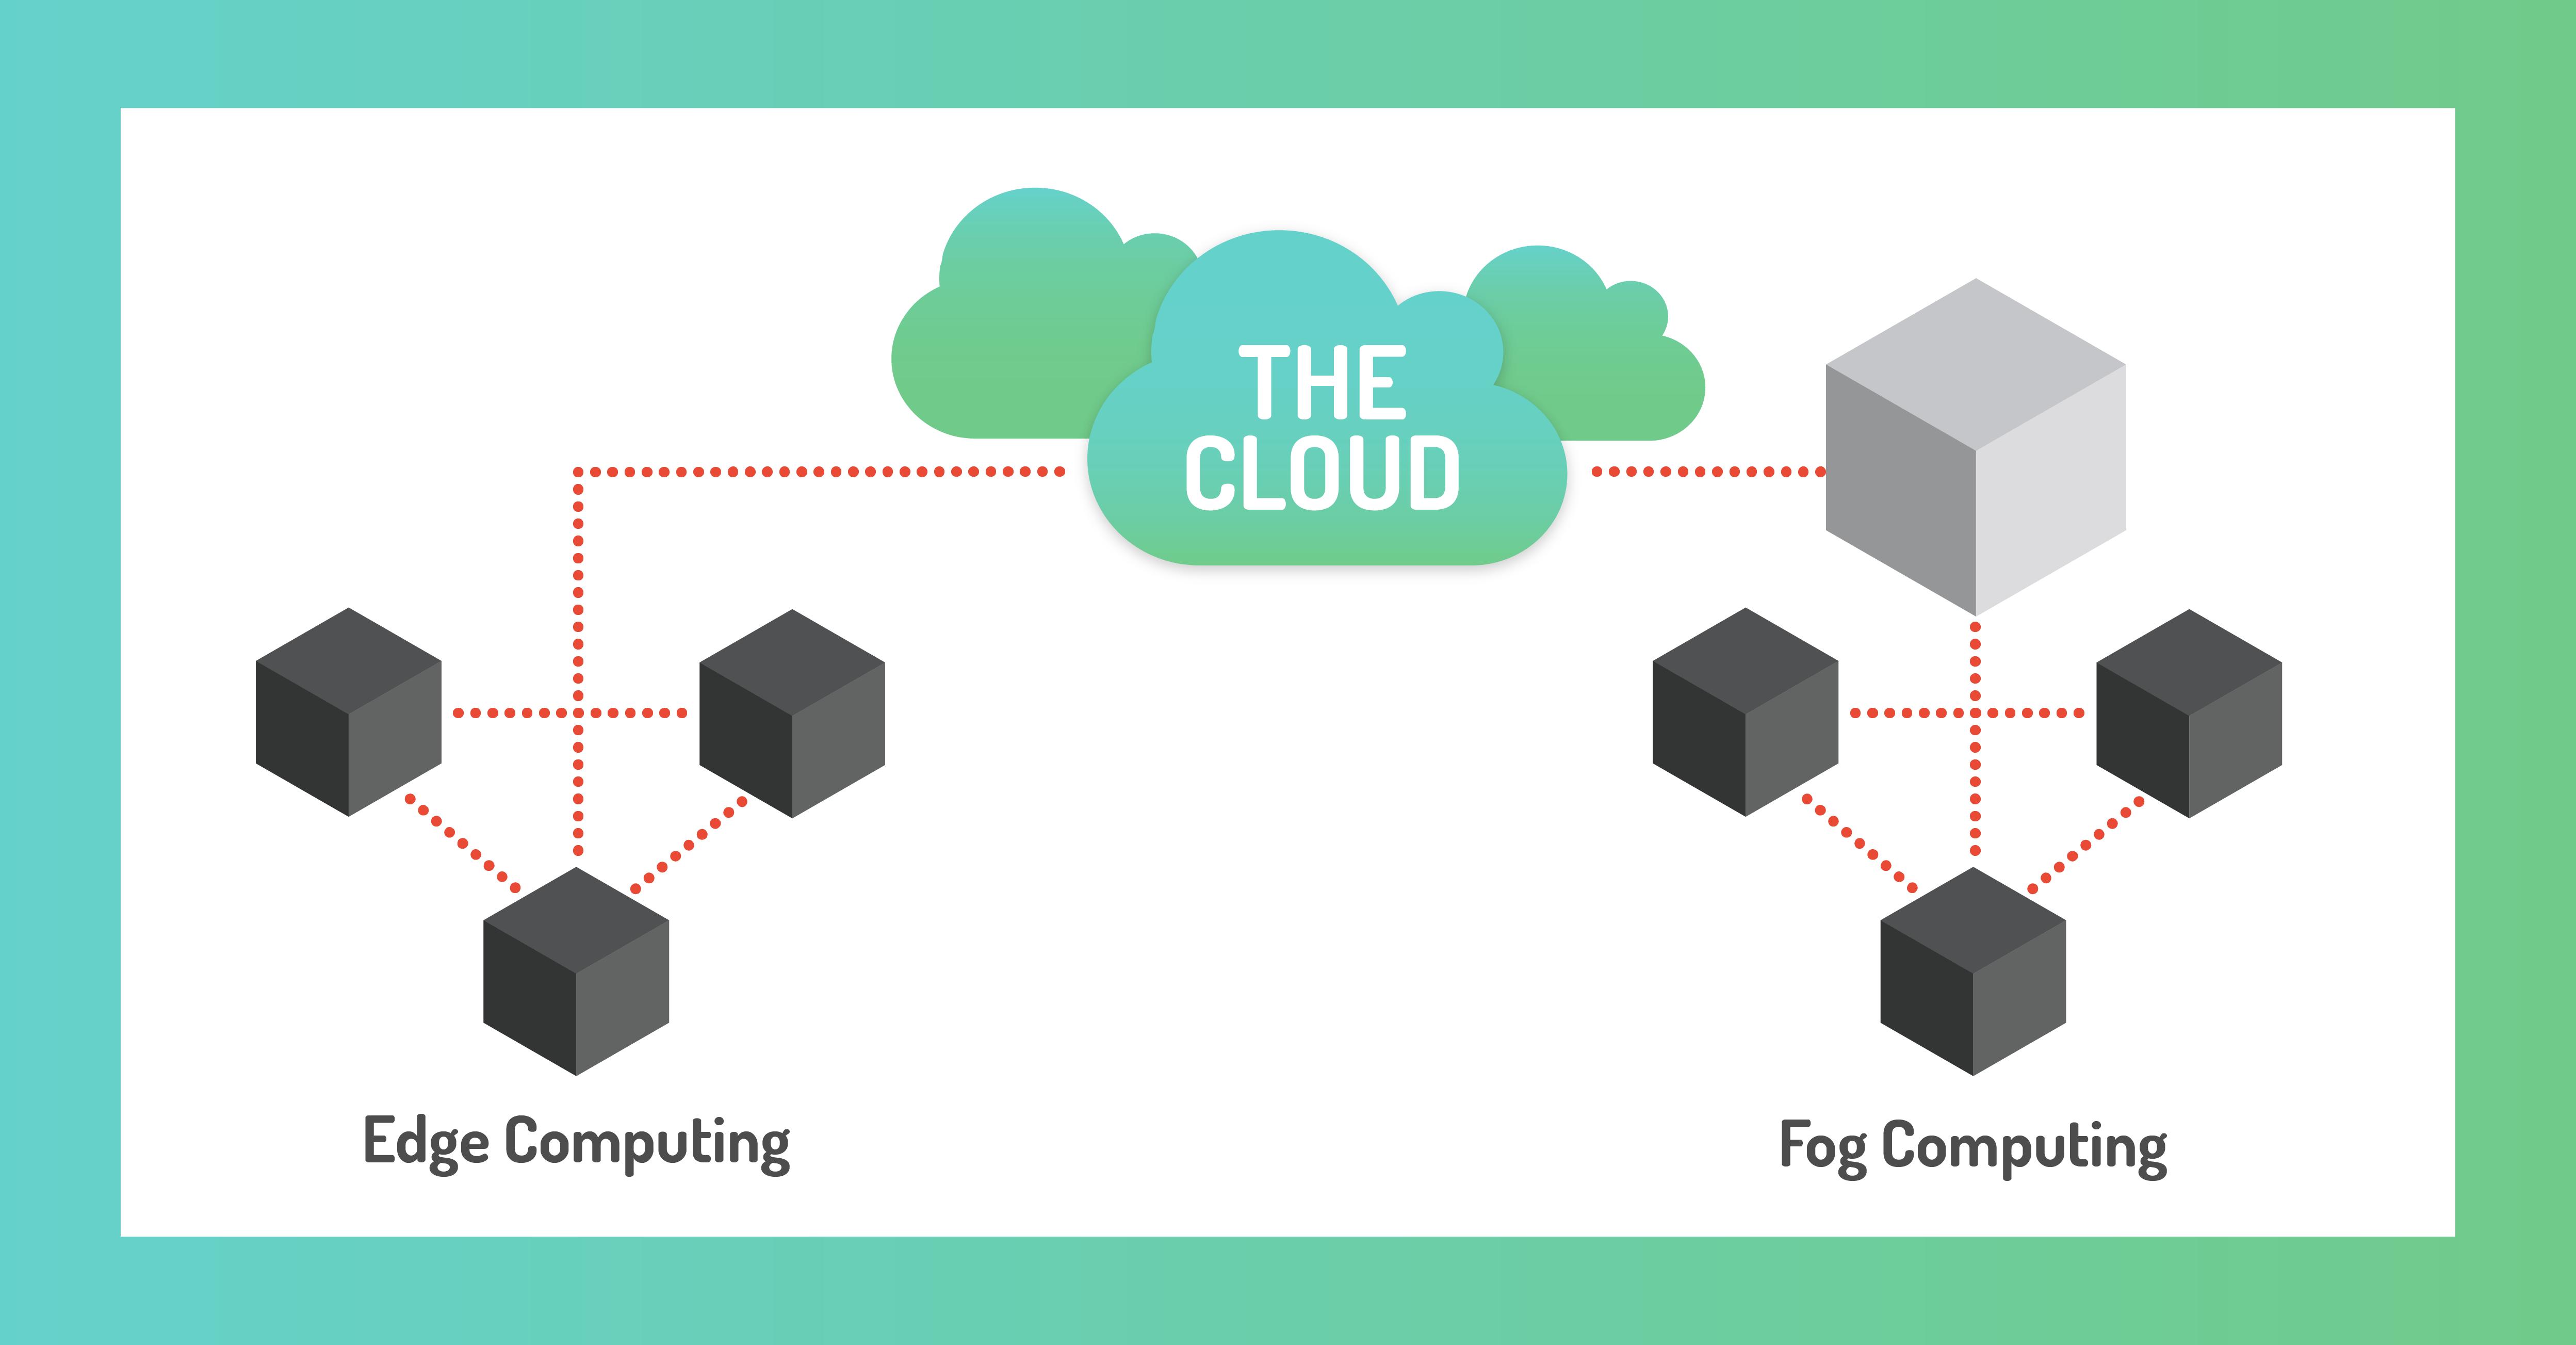 Fog vs Edge Overview